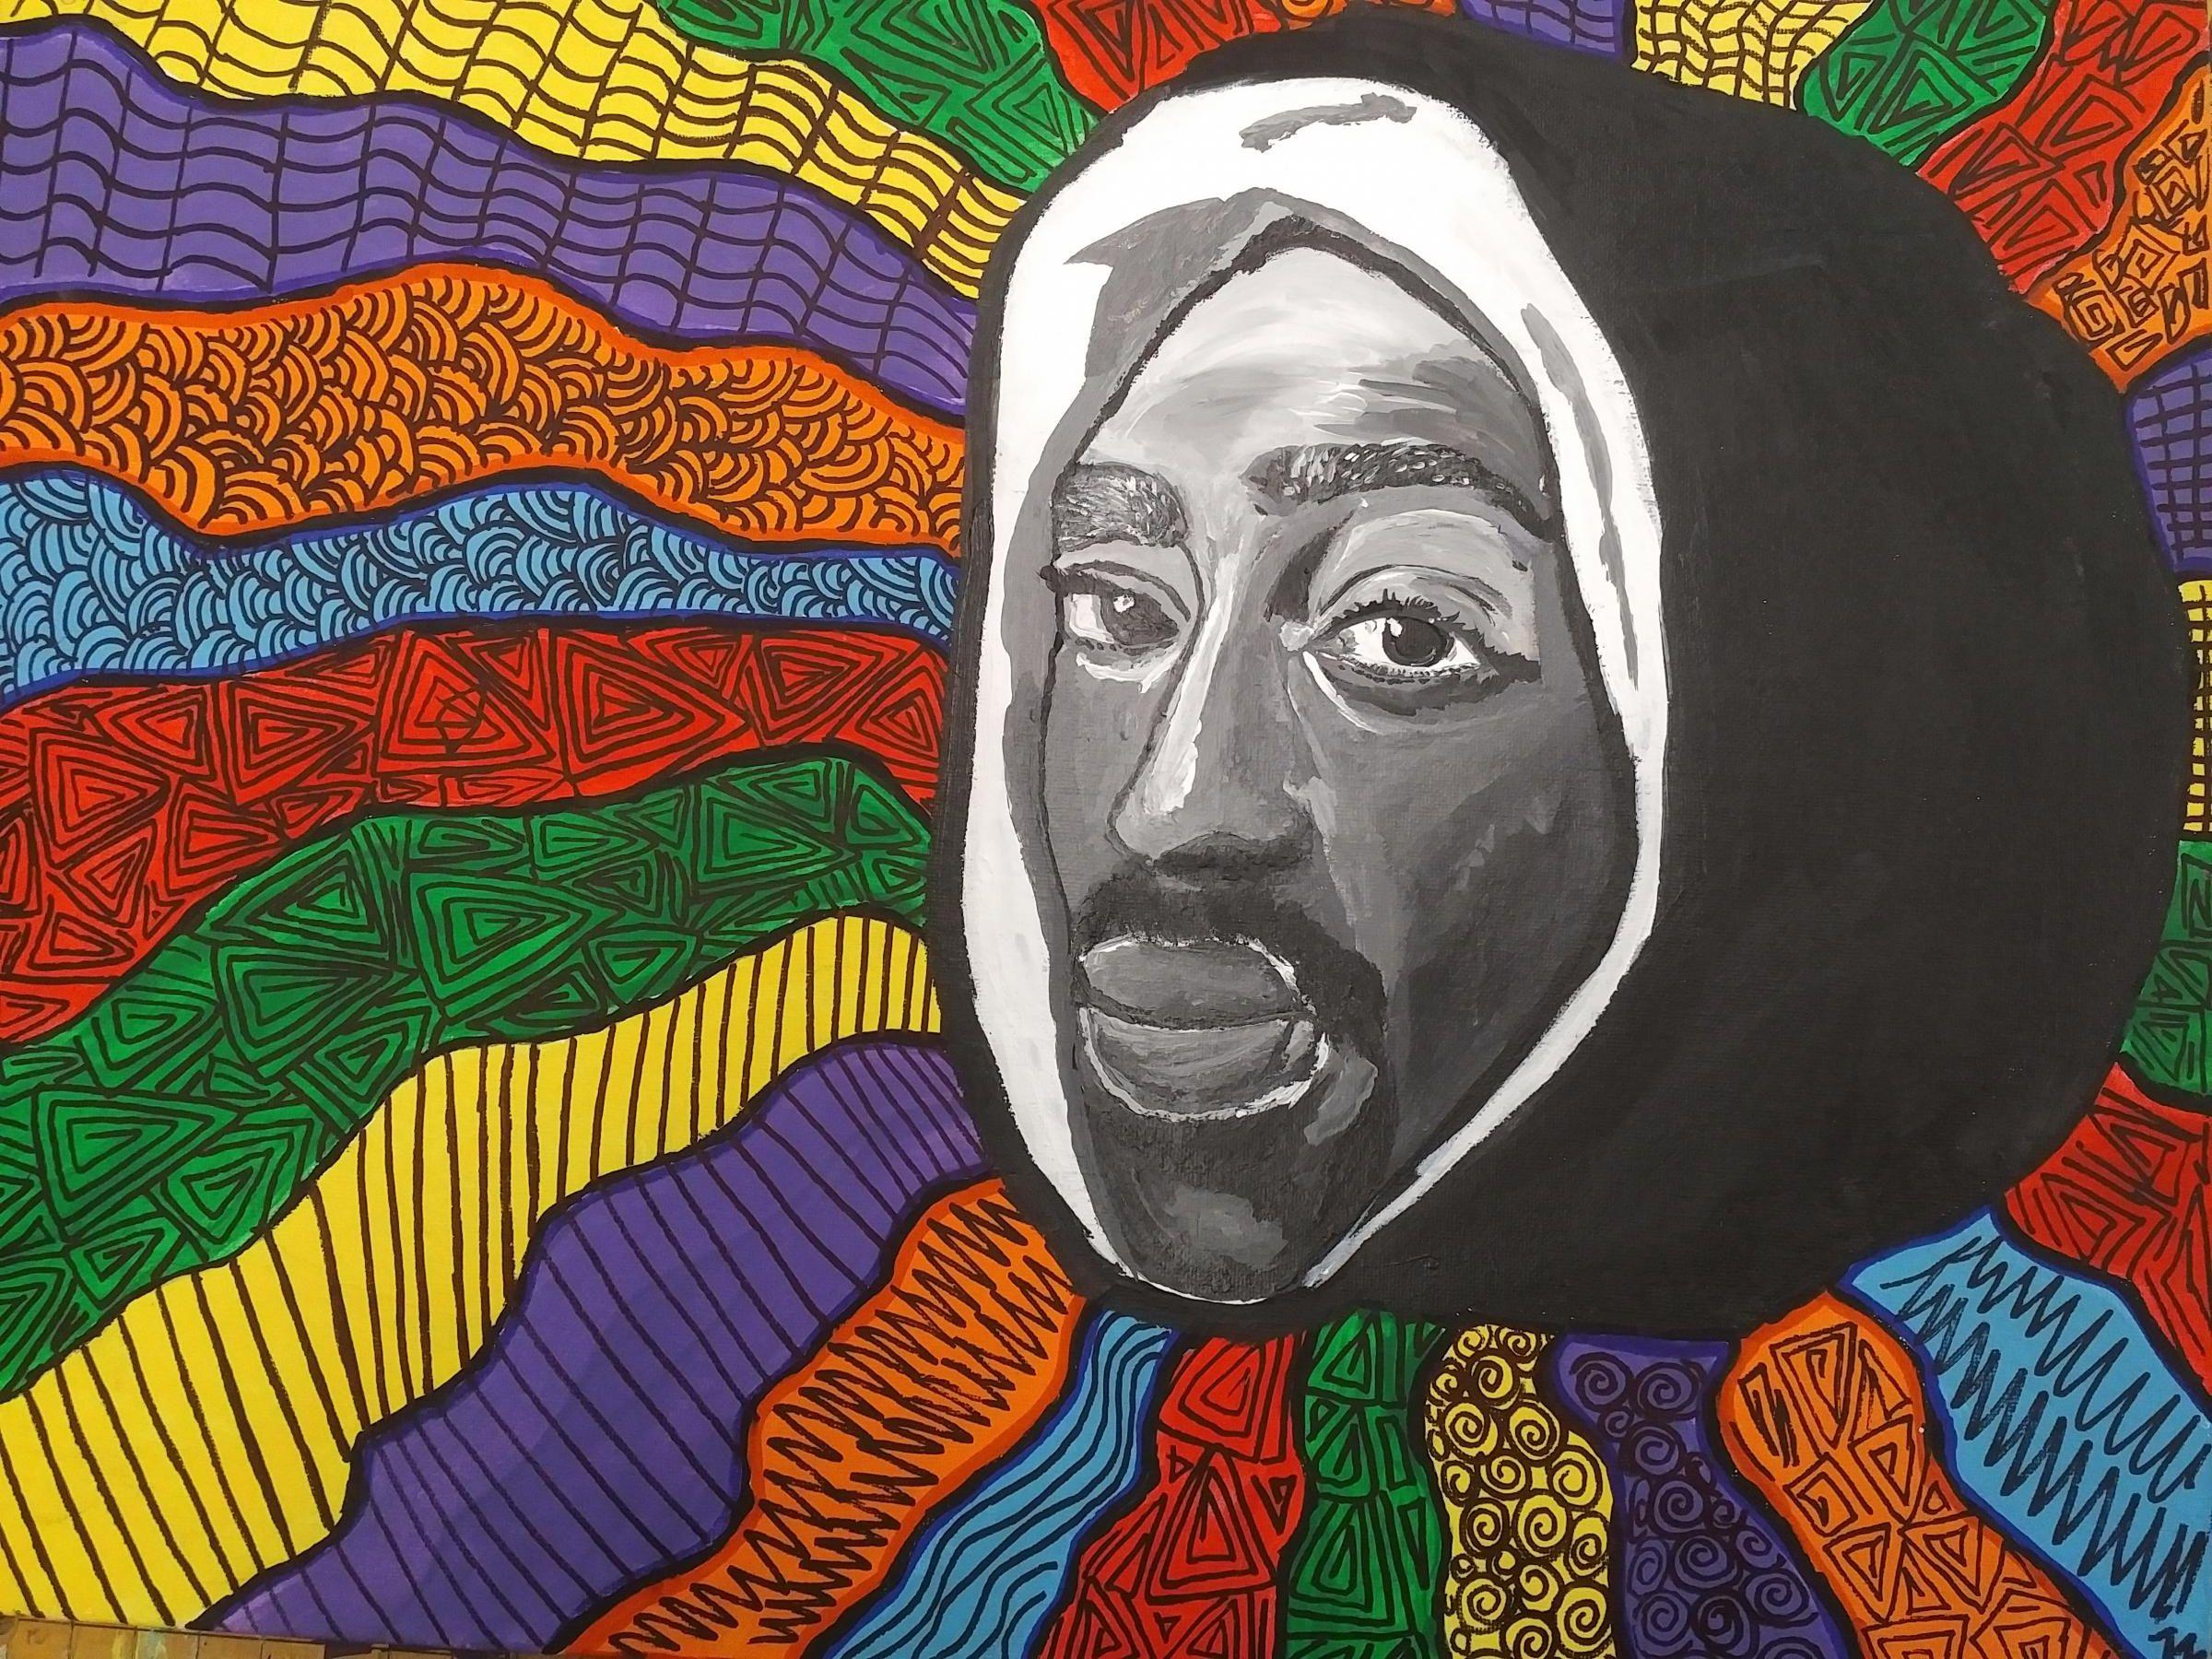 Tupac by Trinity Whitehead